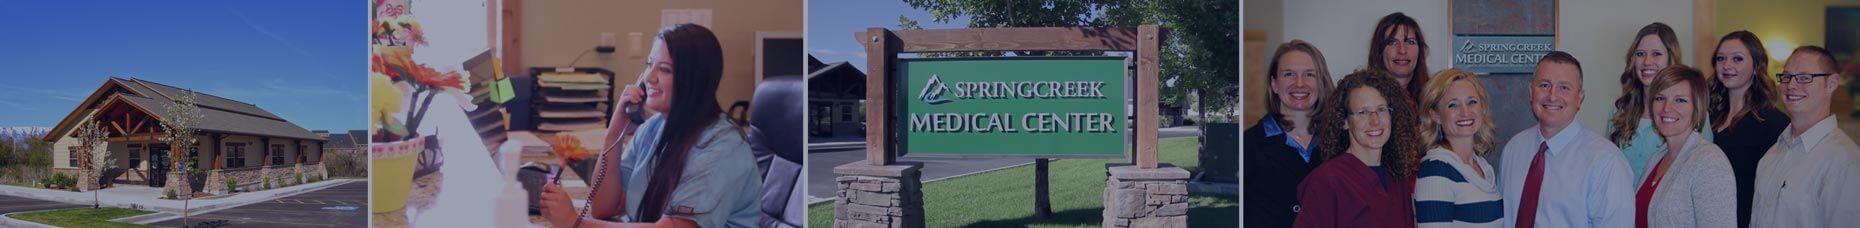 Spring Creek Medical Center in Logan, Utah